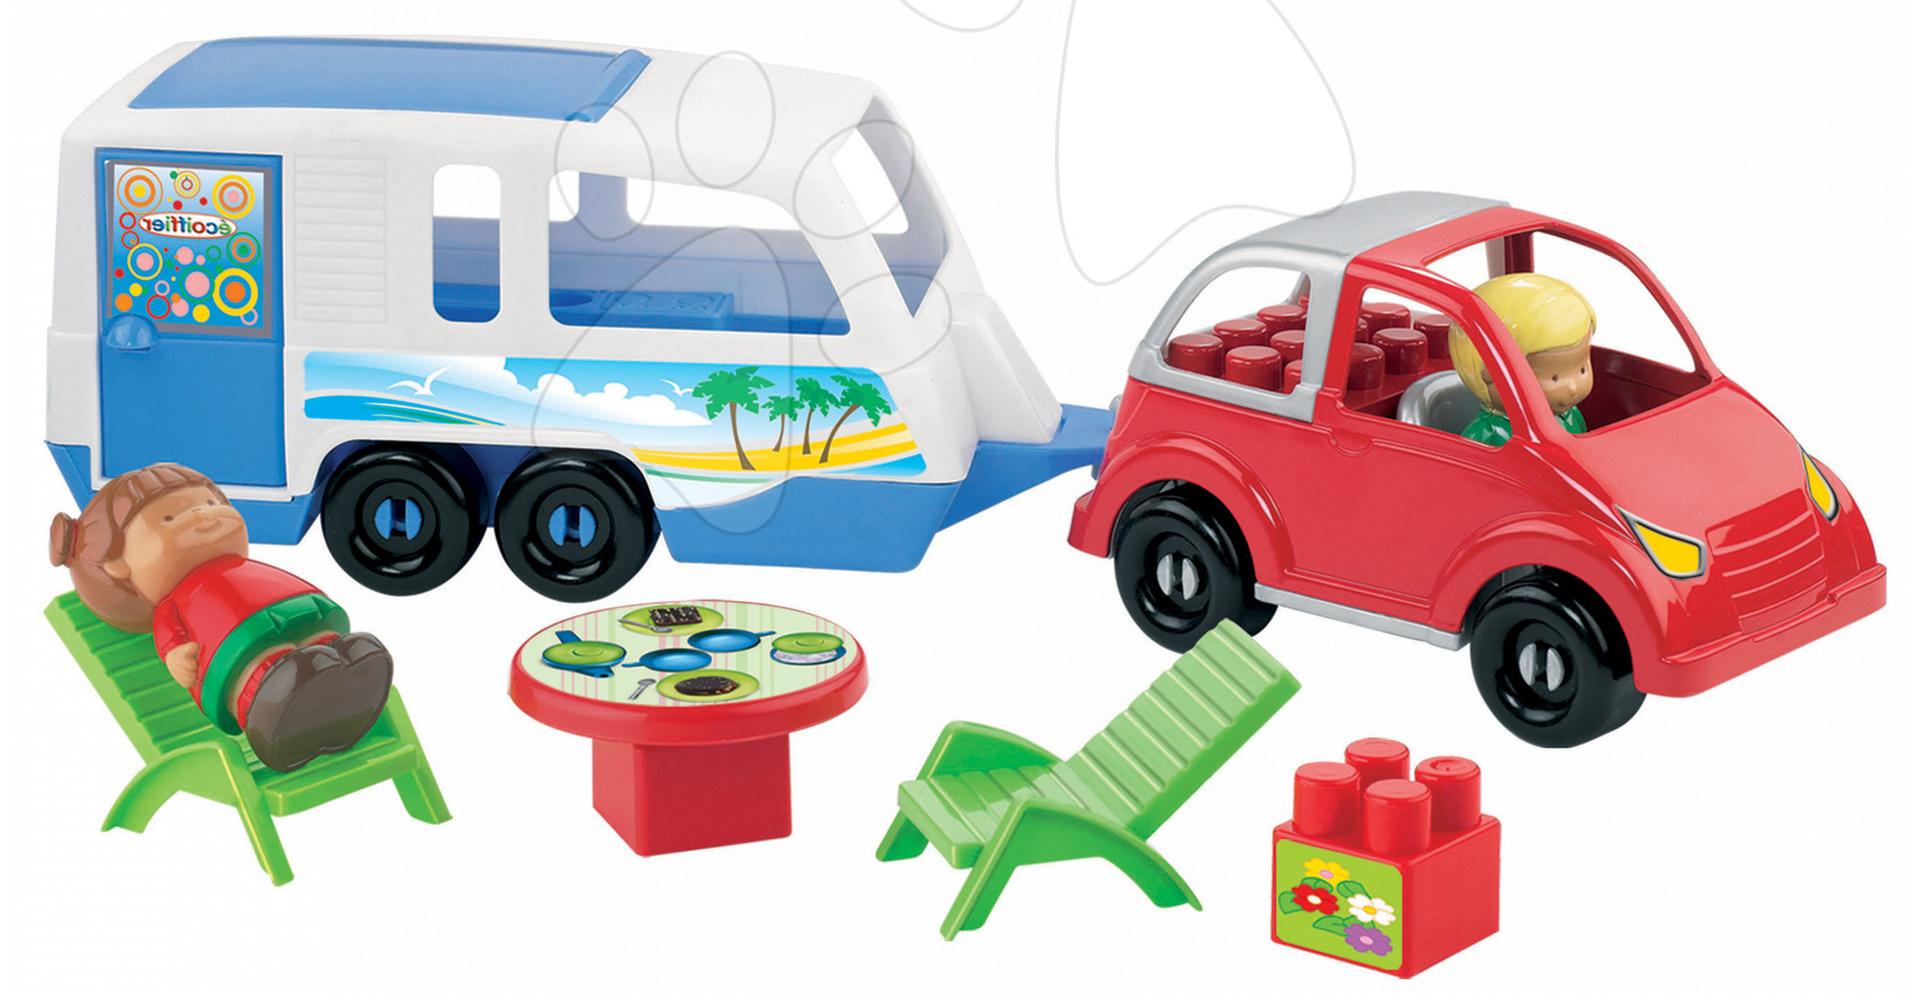 Stavebnice Abrick - Stavebnice Auto s karavanem Abrick Écoiffier 23 dílů od 18 měsíců